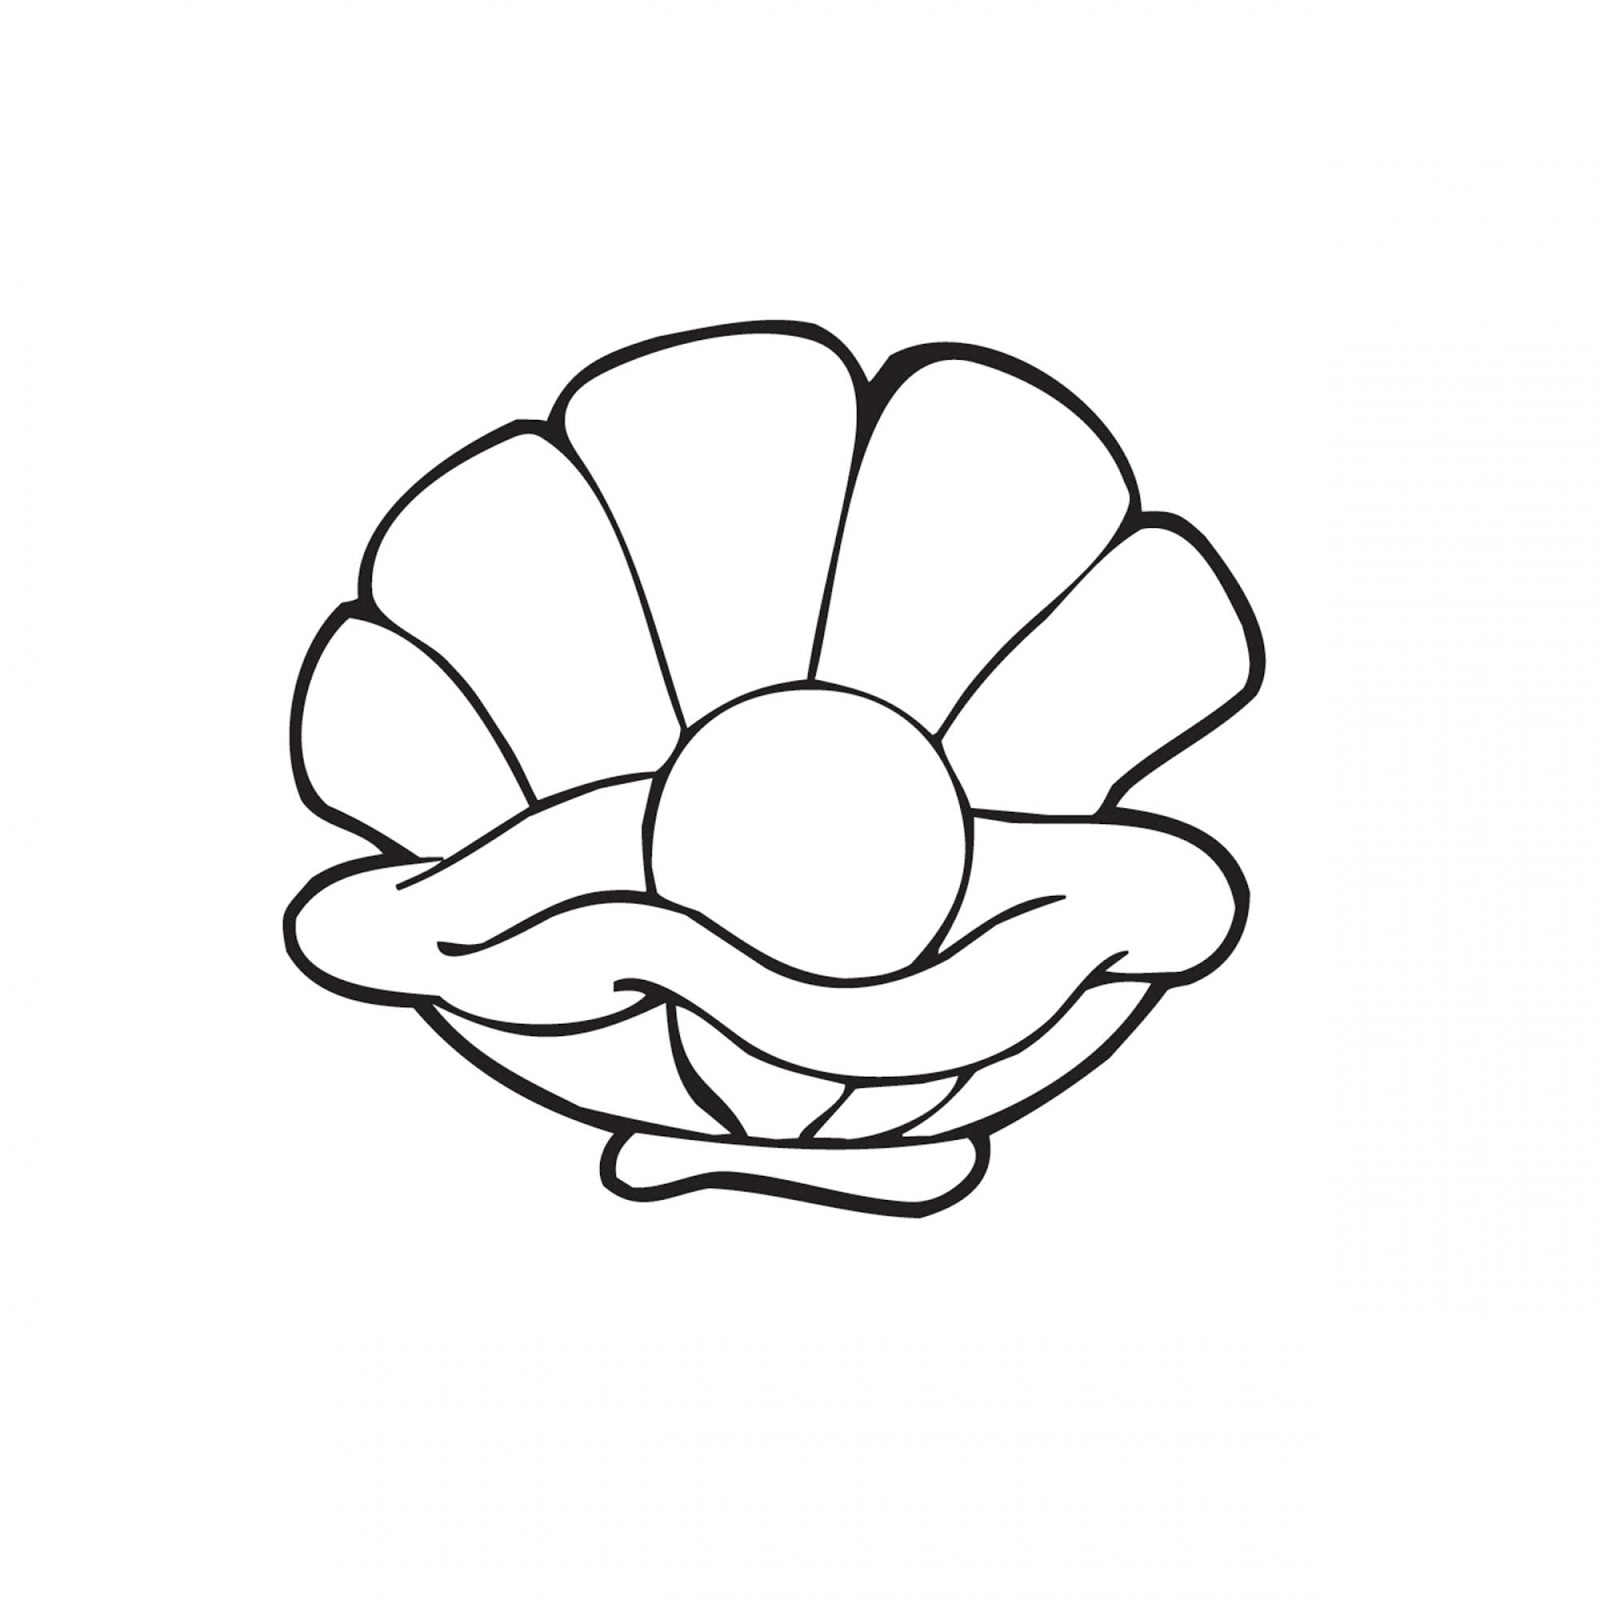 картинка жемчужина в раковине черно белая состоянии